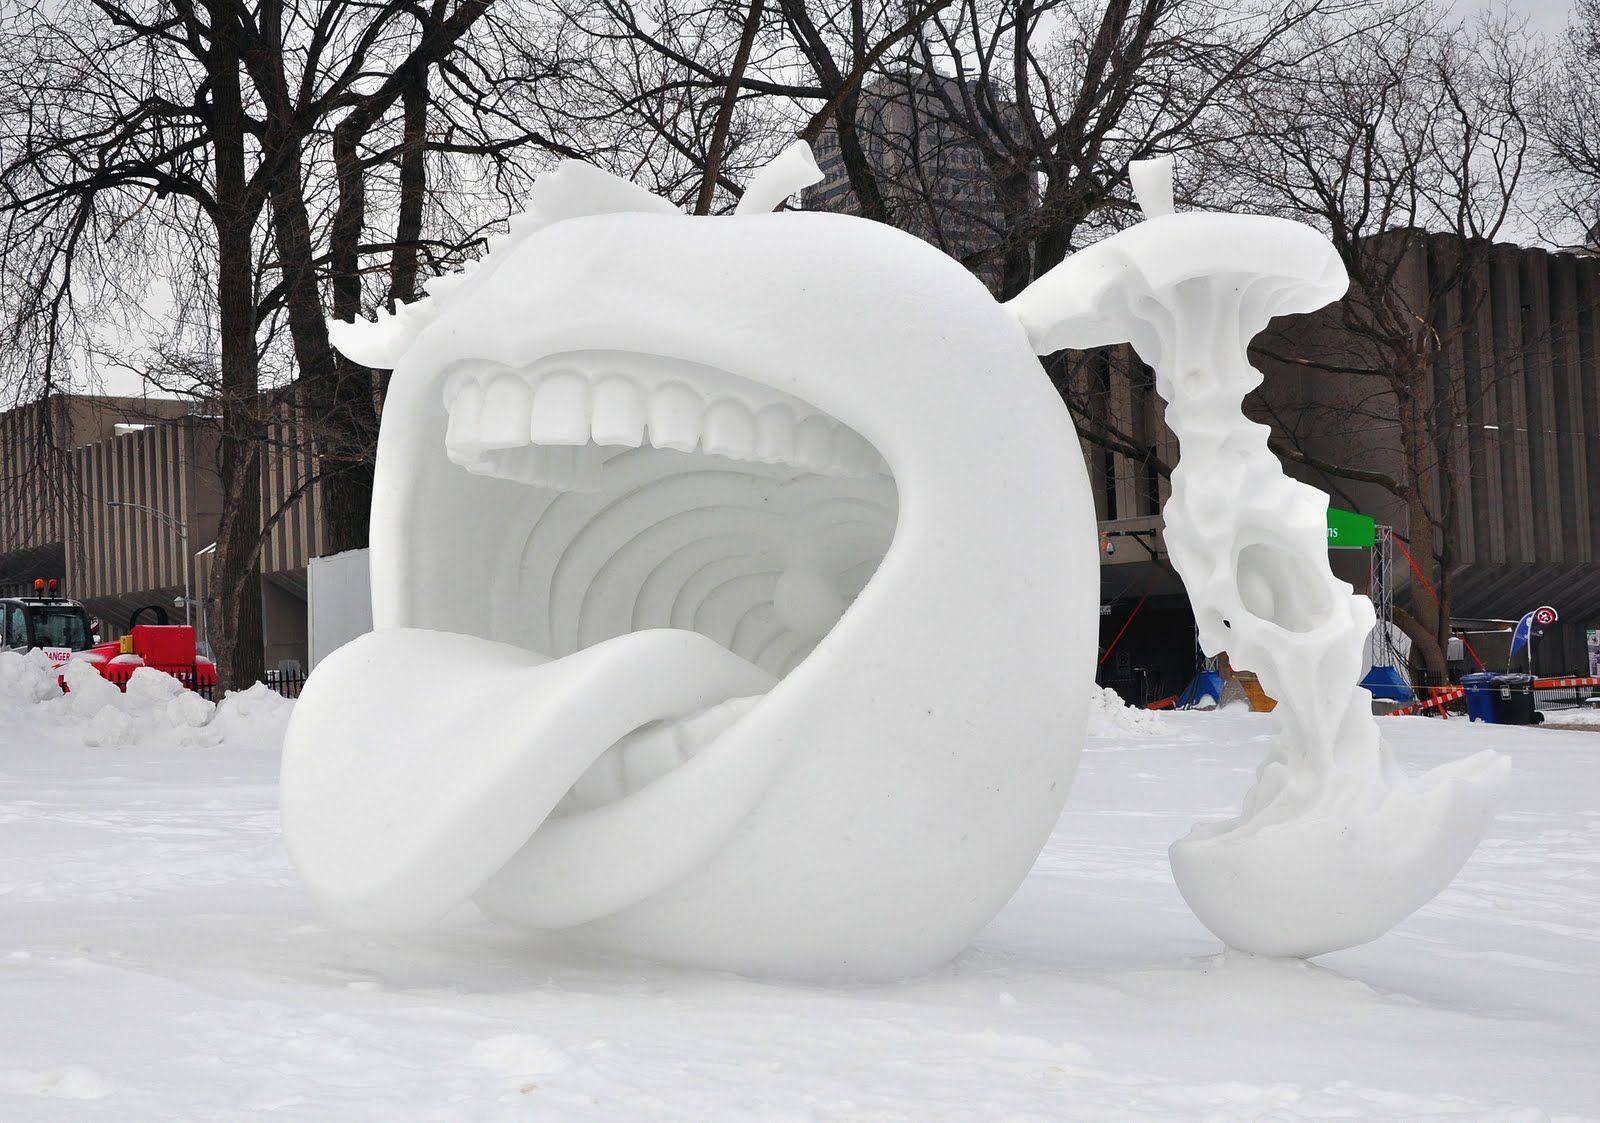 Eeyooo Snow